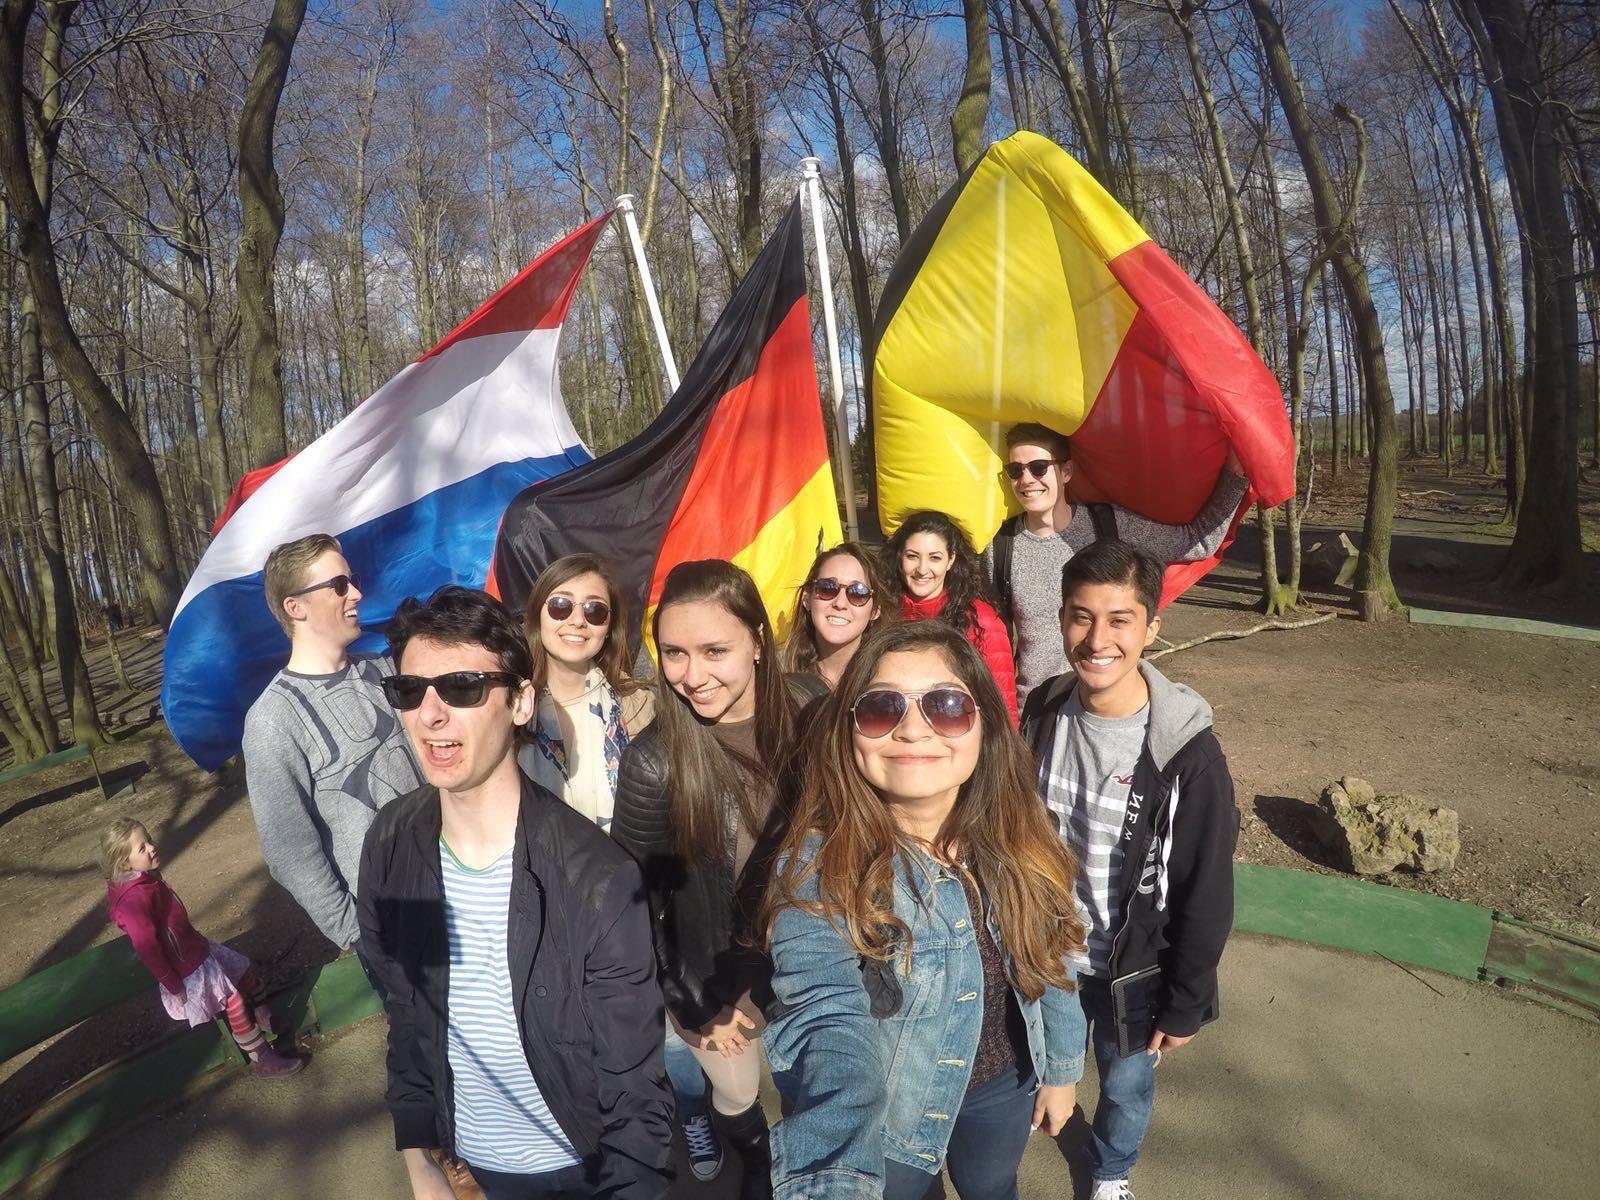 Nick en Arno tijdens een bezoekje aan het drielandenpunt met een deel van hun klas met studenten uit Frankrijk, Mexico, Turkije, Zwitserland, Italië, Rusland en Spanje.